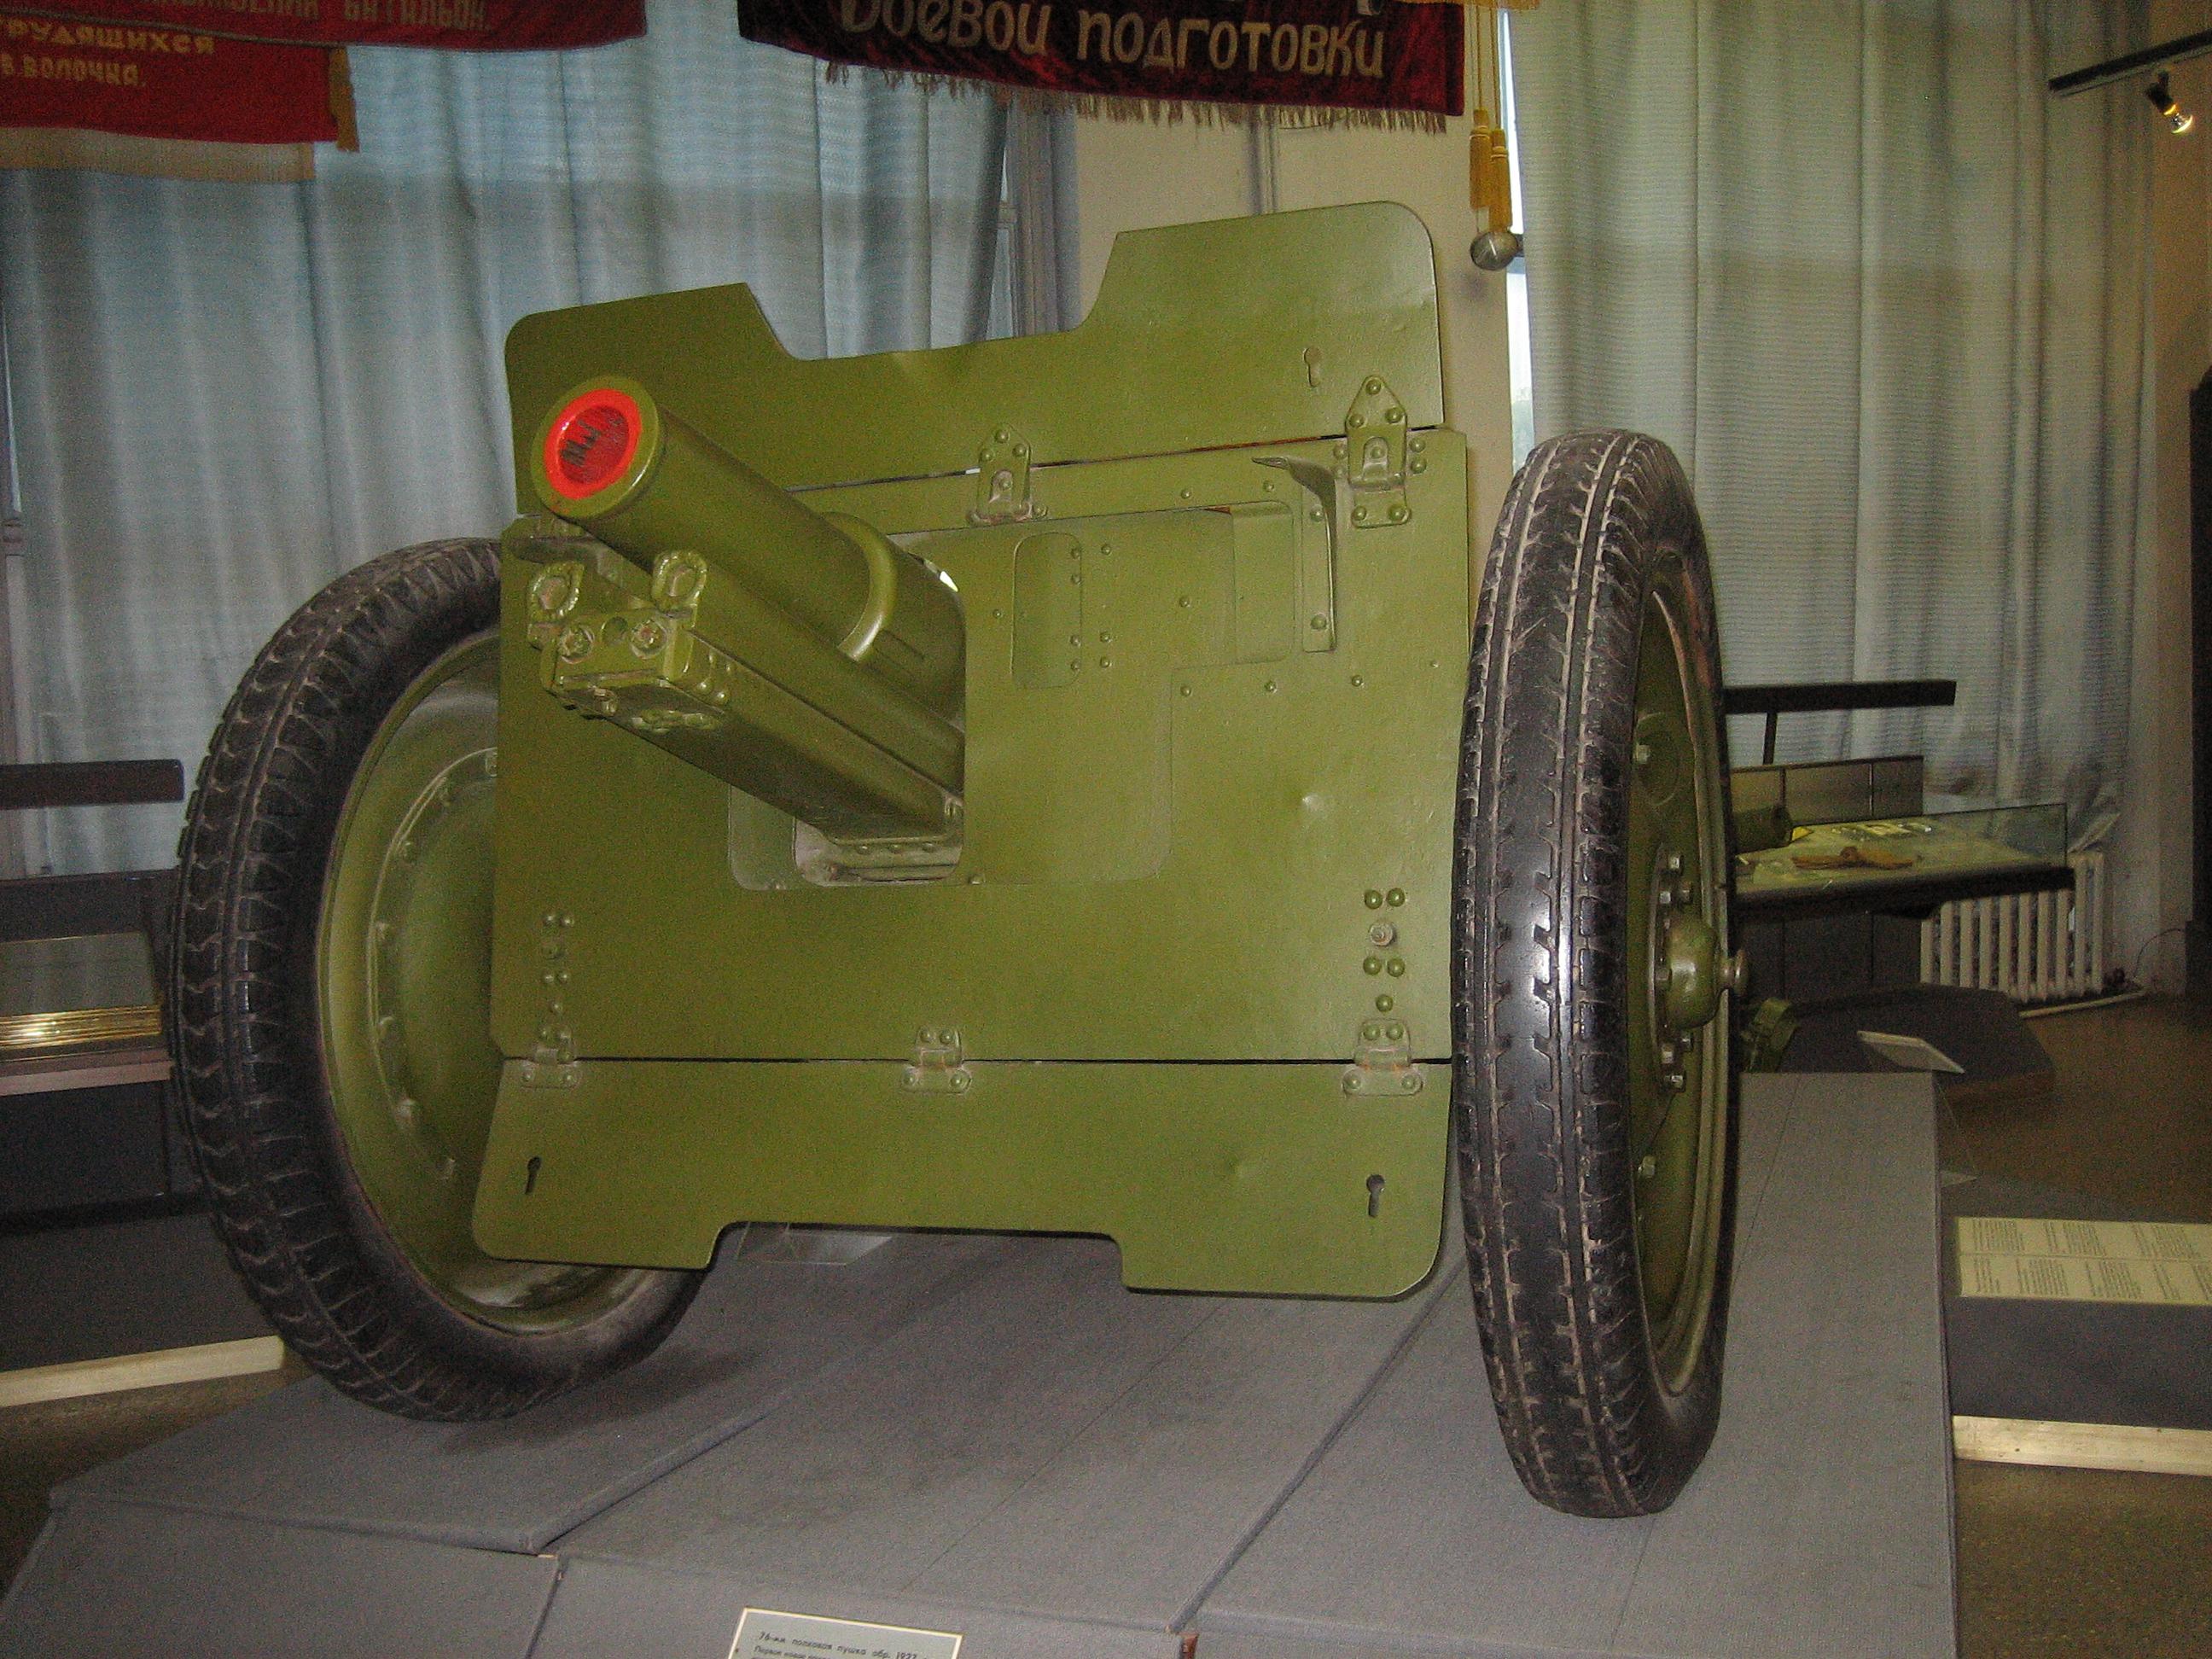 Regimental_gun_76mm_1927_Moscow_3.jpg